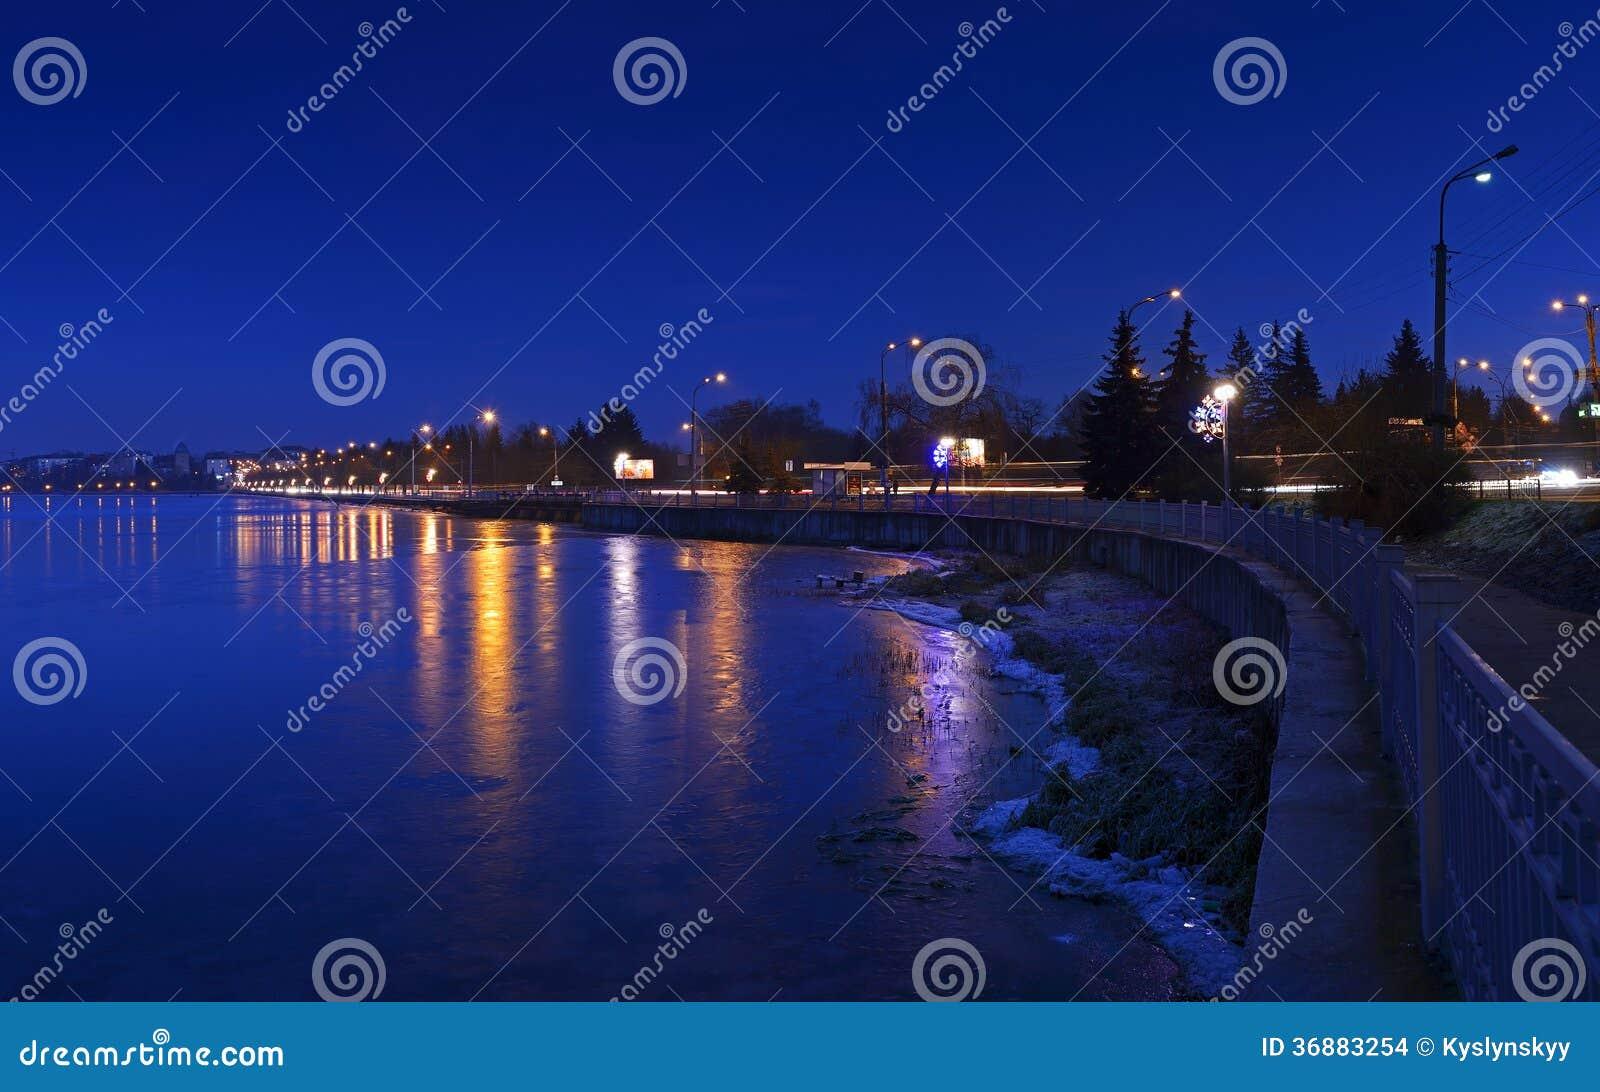 Download Città di notte fotografia stock. Immagine di paesaggio - 36883254